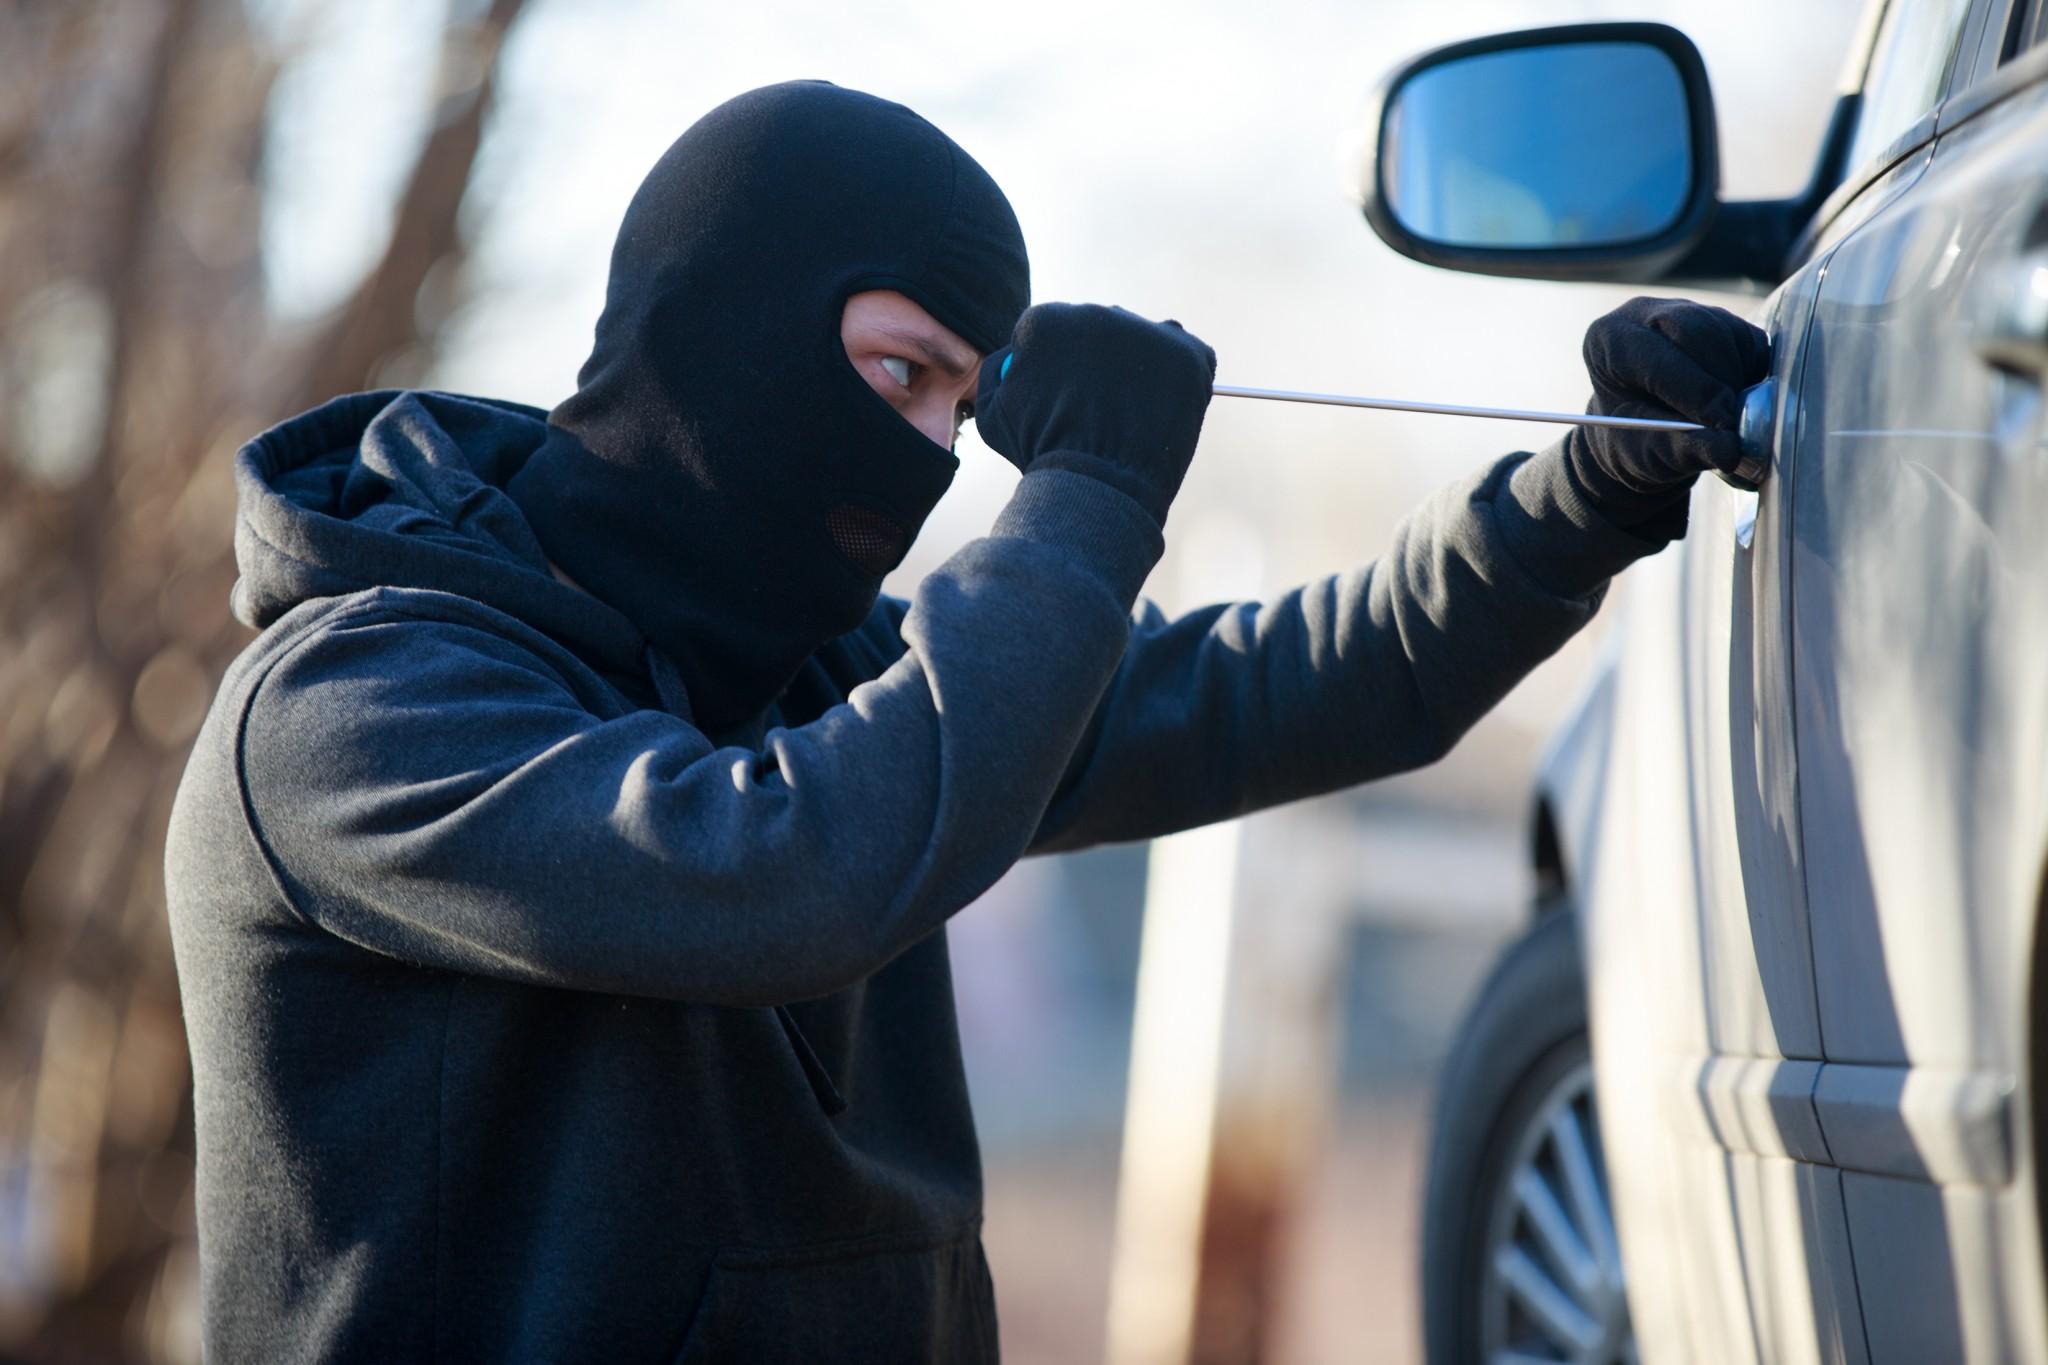 چرا مردم سرقت میکنند؟